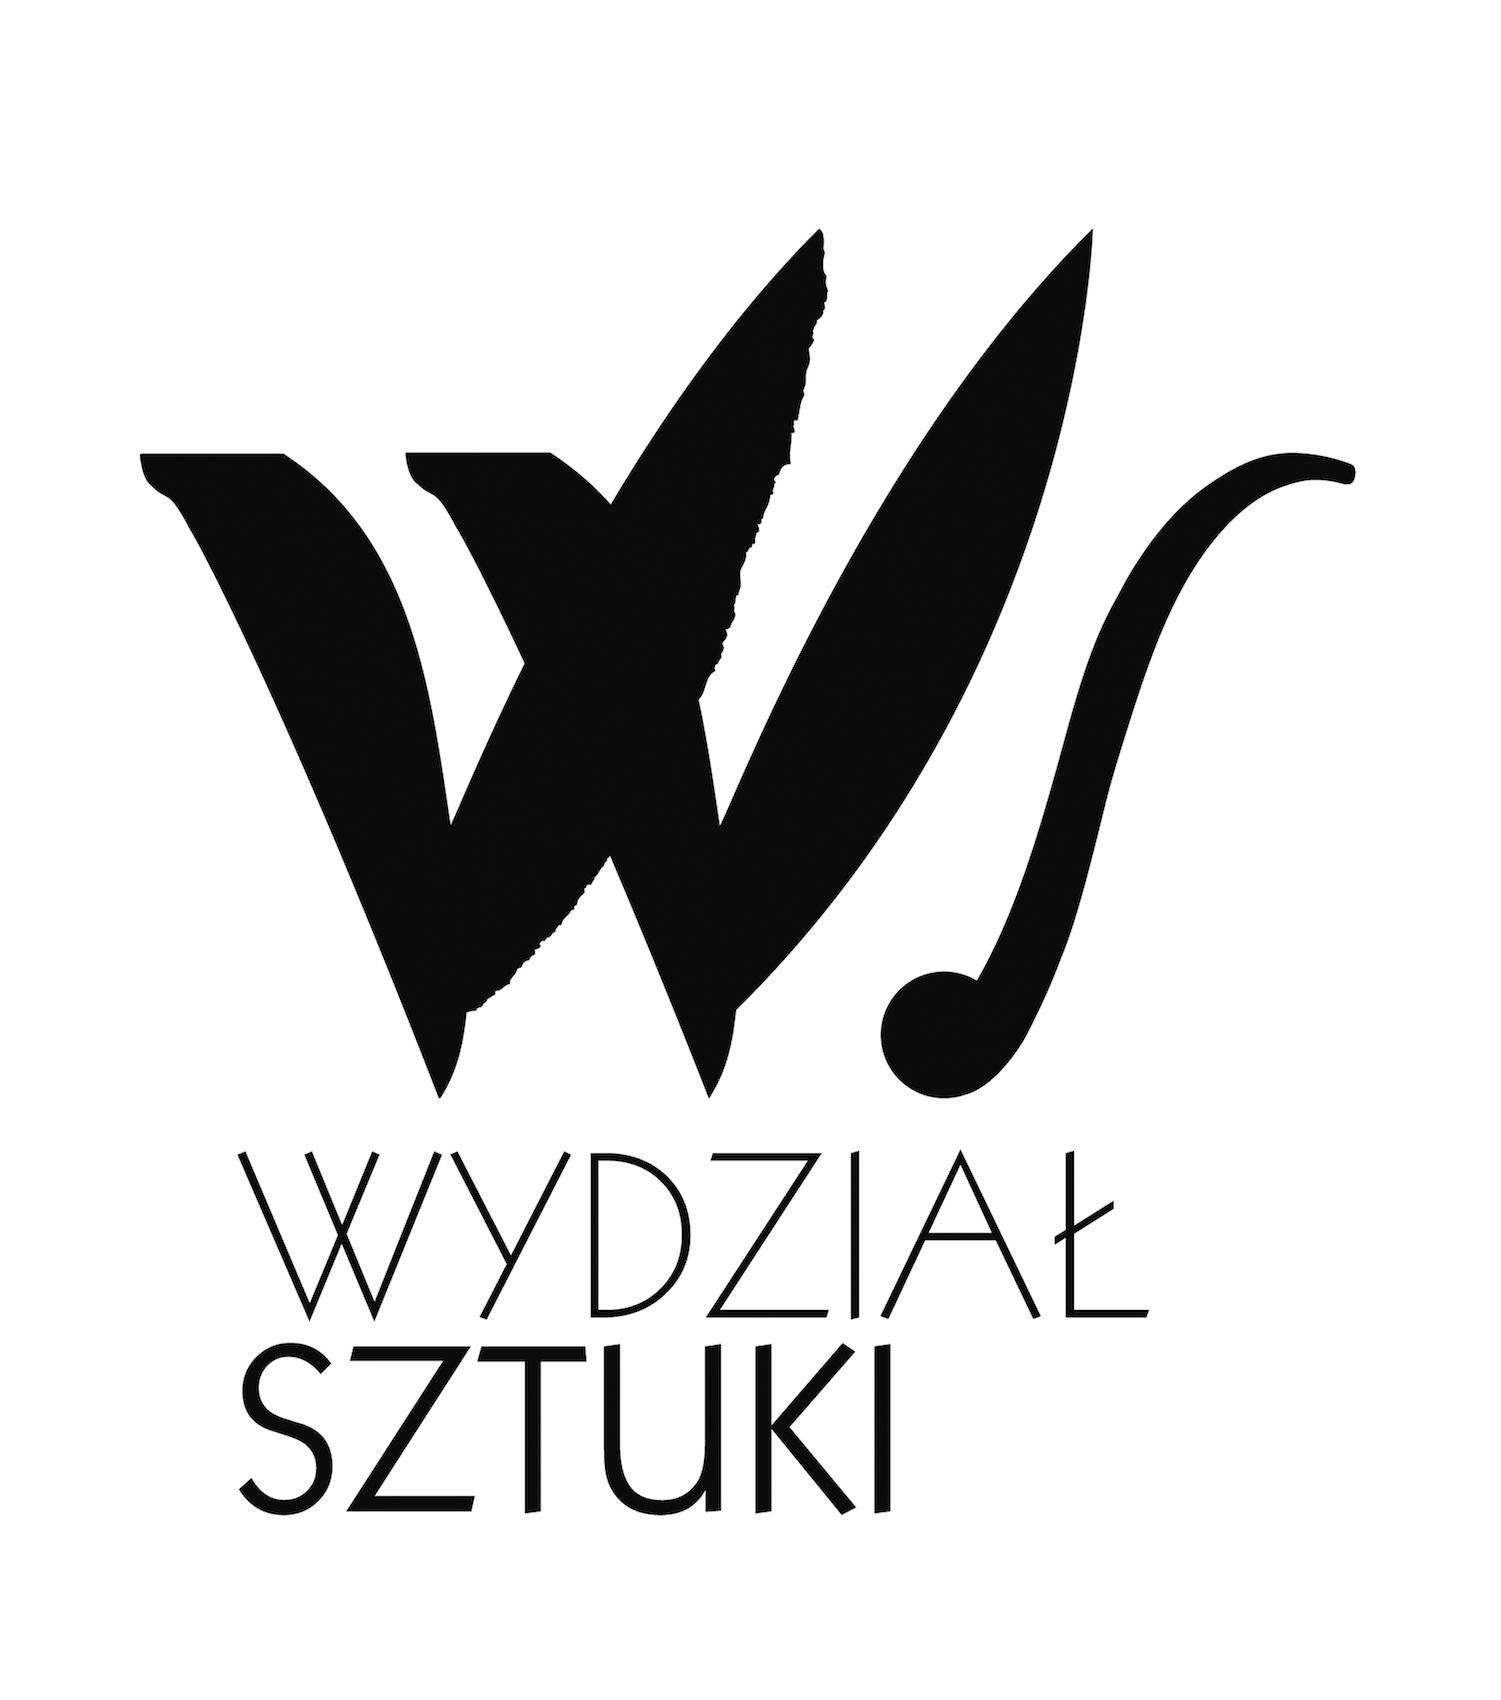 Wydział Sztuki Uniwersytetu Warmińsko-Mazurskiego w Olsztynie, logotyp (źródło: materiały prasowe organizatora)